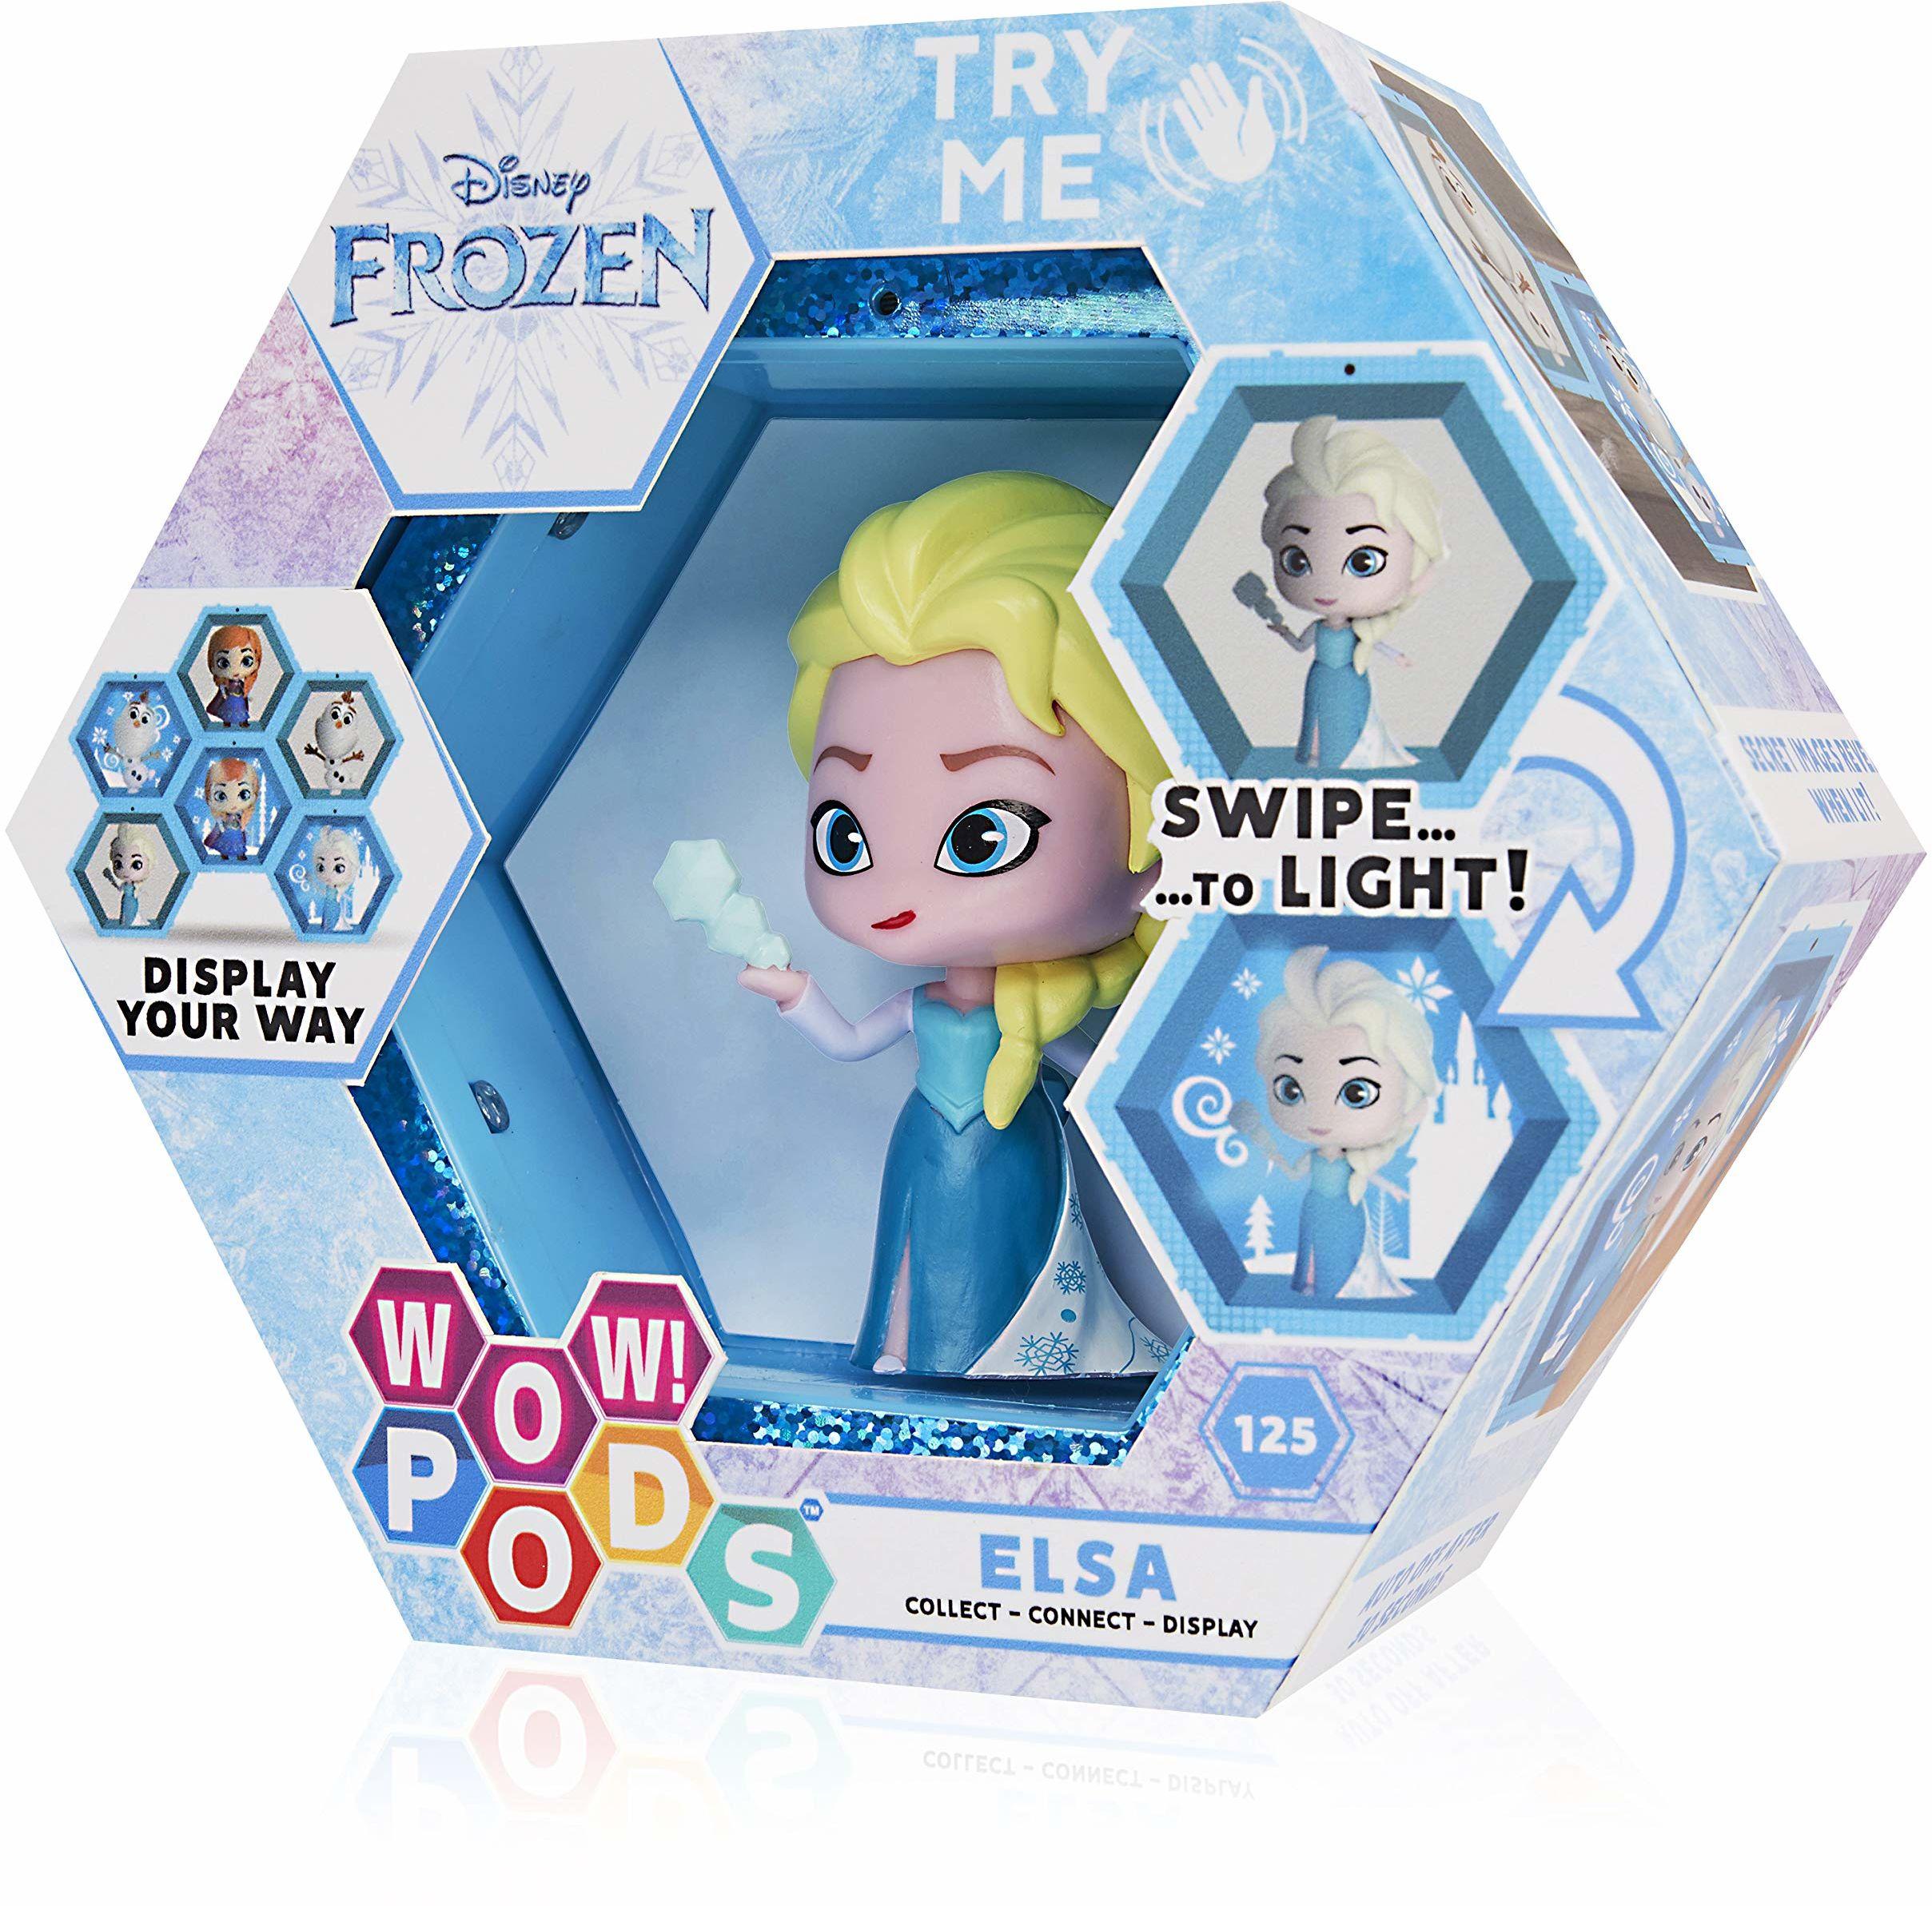 WOW! PODS Disney Frozen Elsa kolekcjonerskie podświetlane figurki